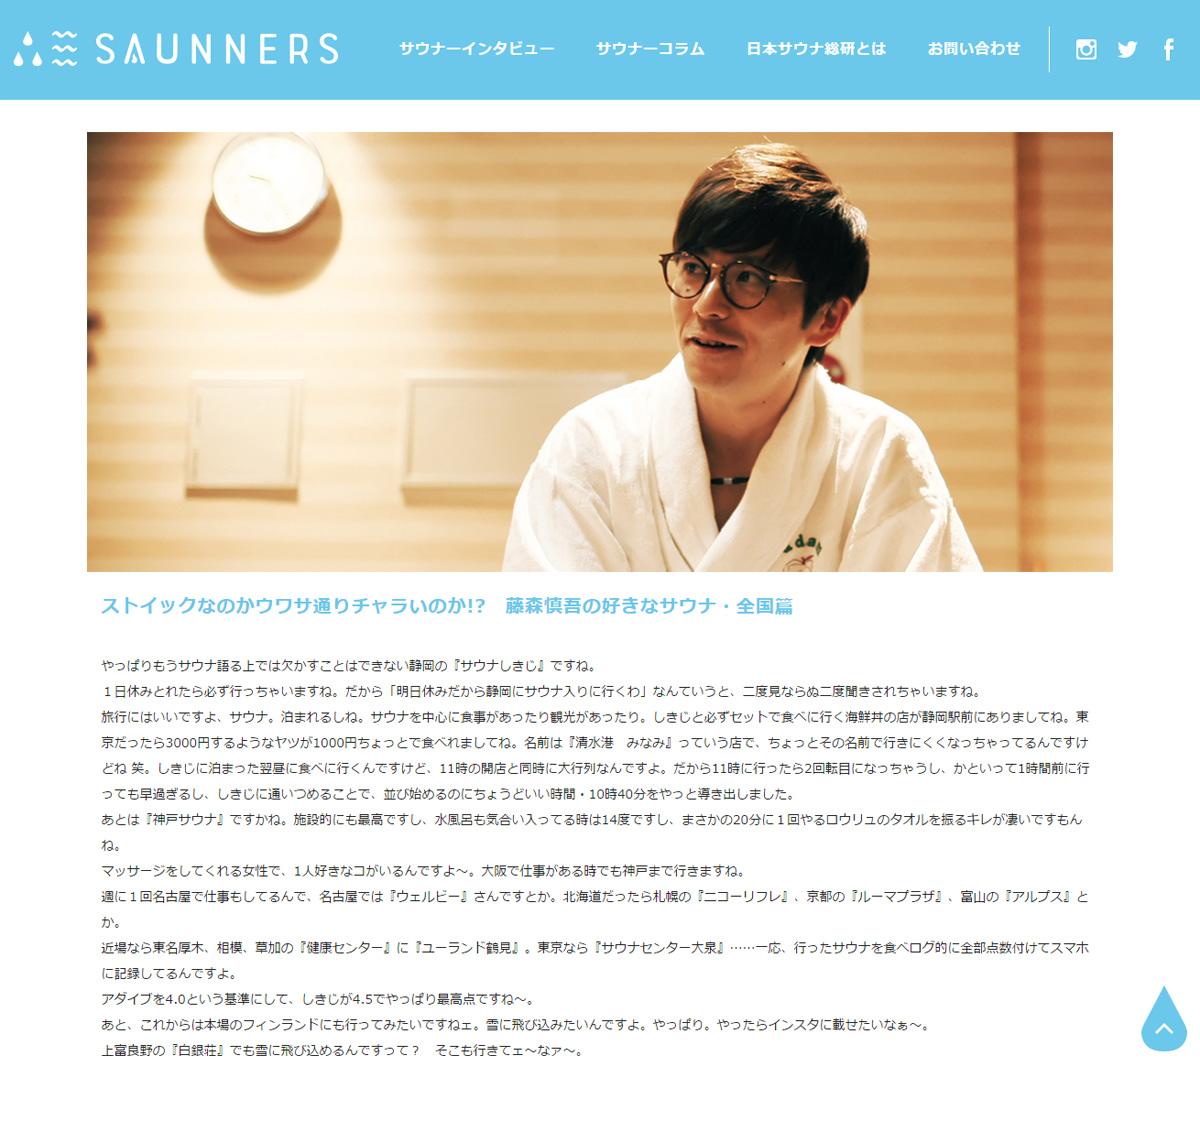 藤森慎吾さんインタビュー